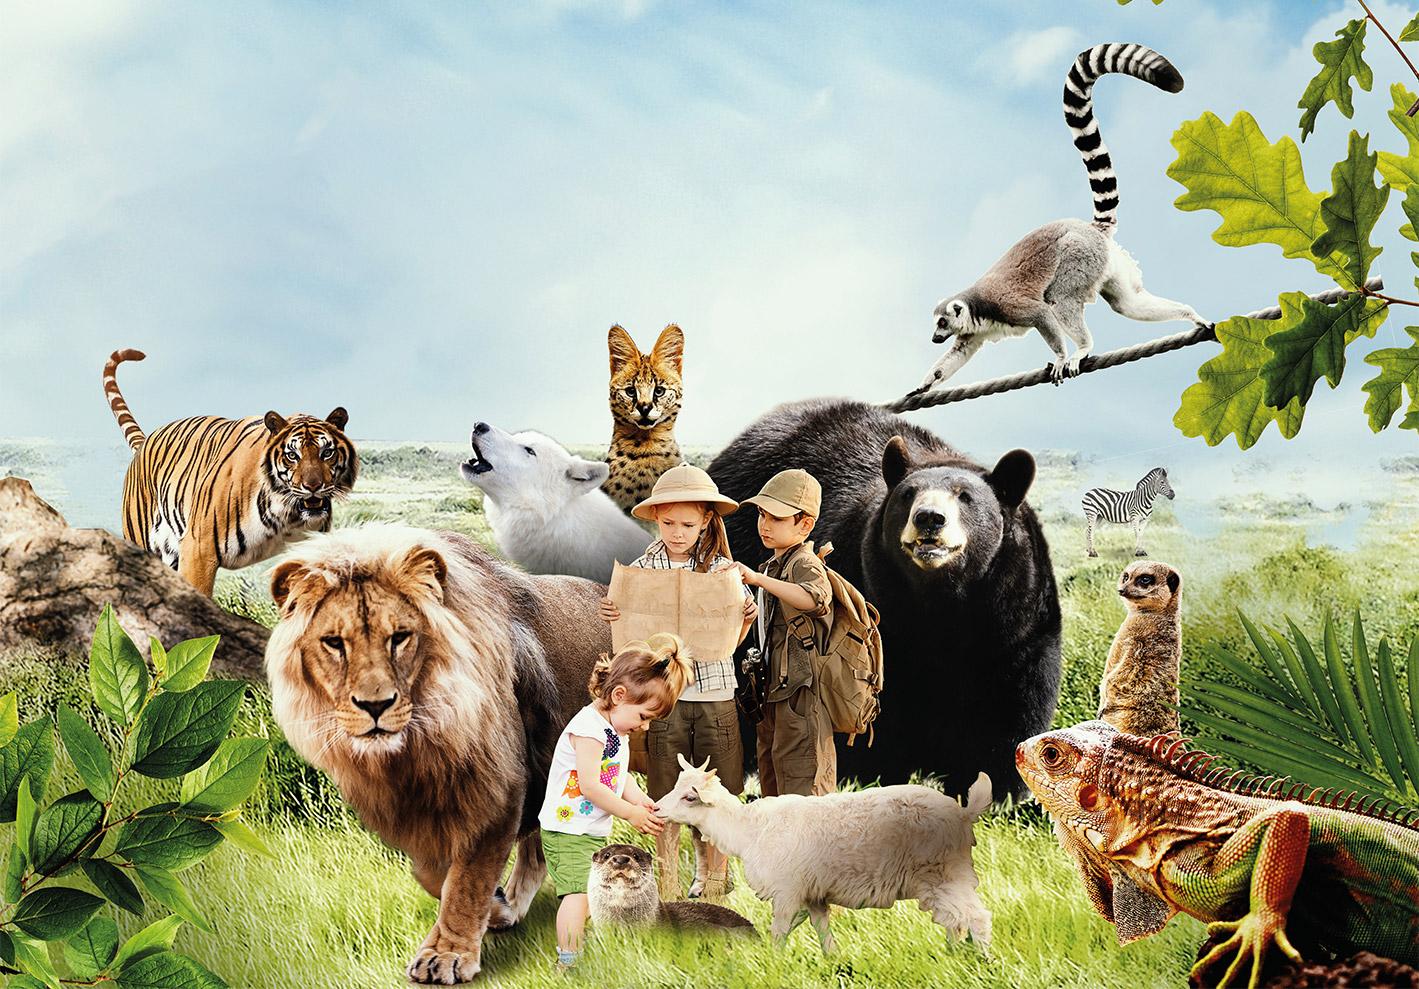 TOus les animaux